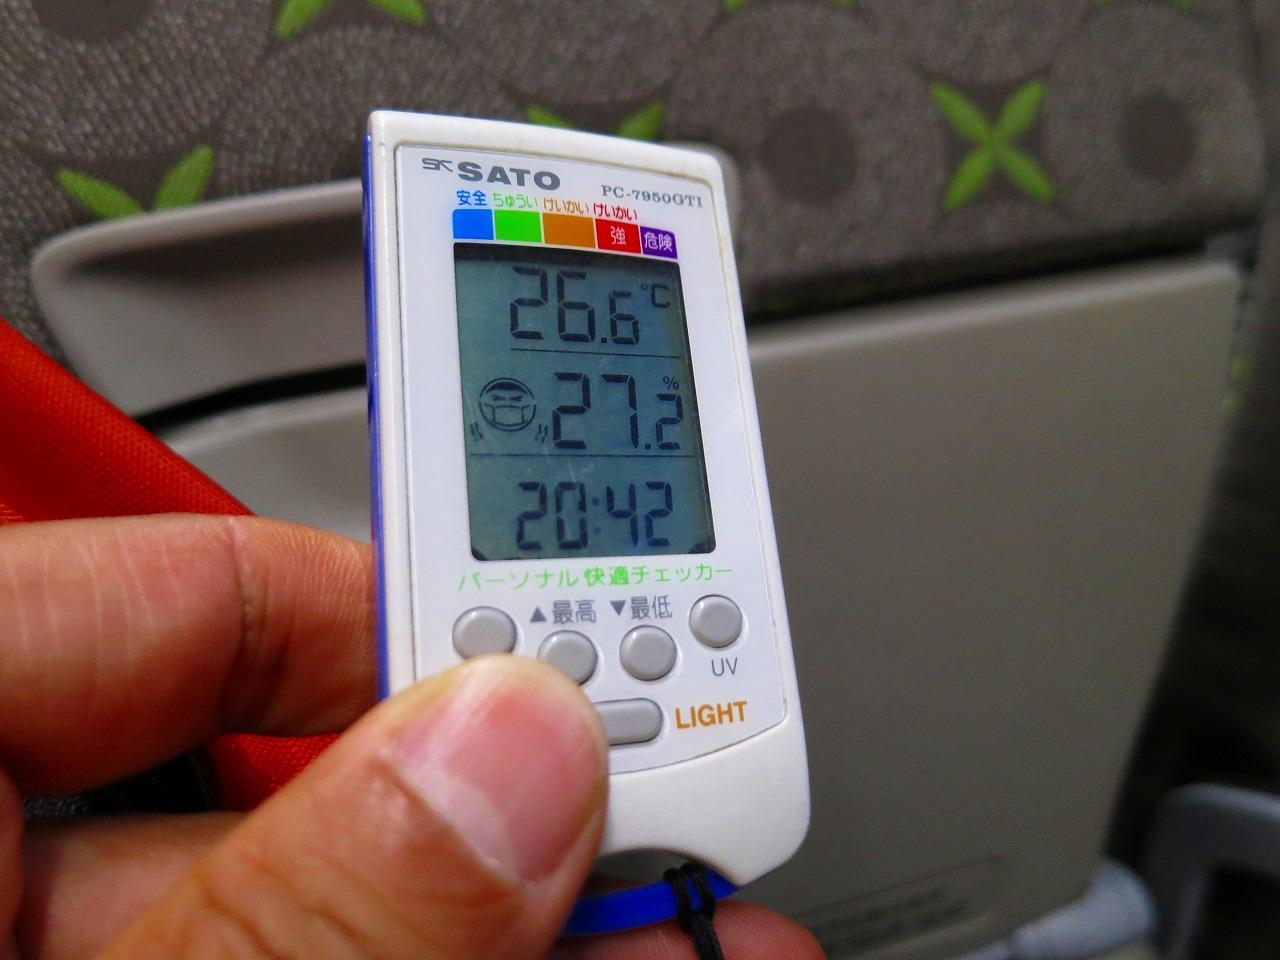 モノレール内と飛行機内の温湿度